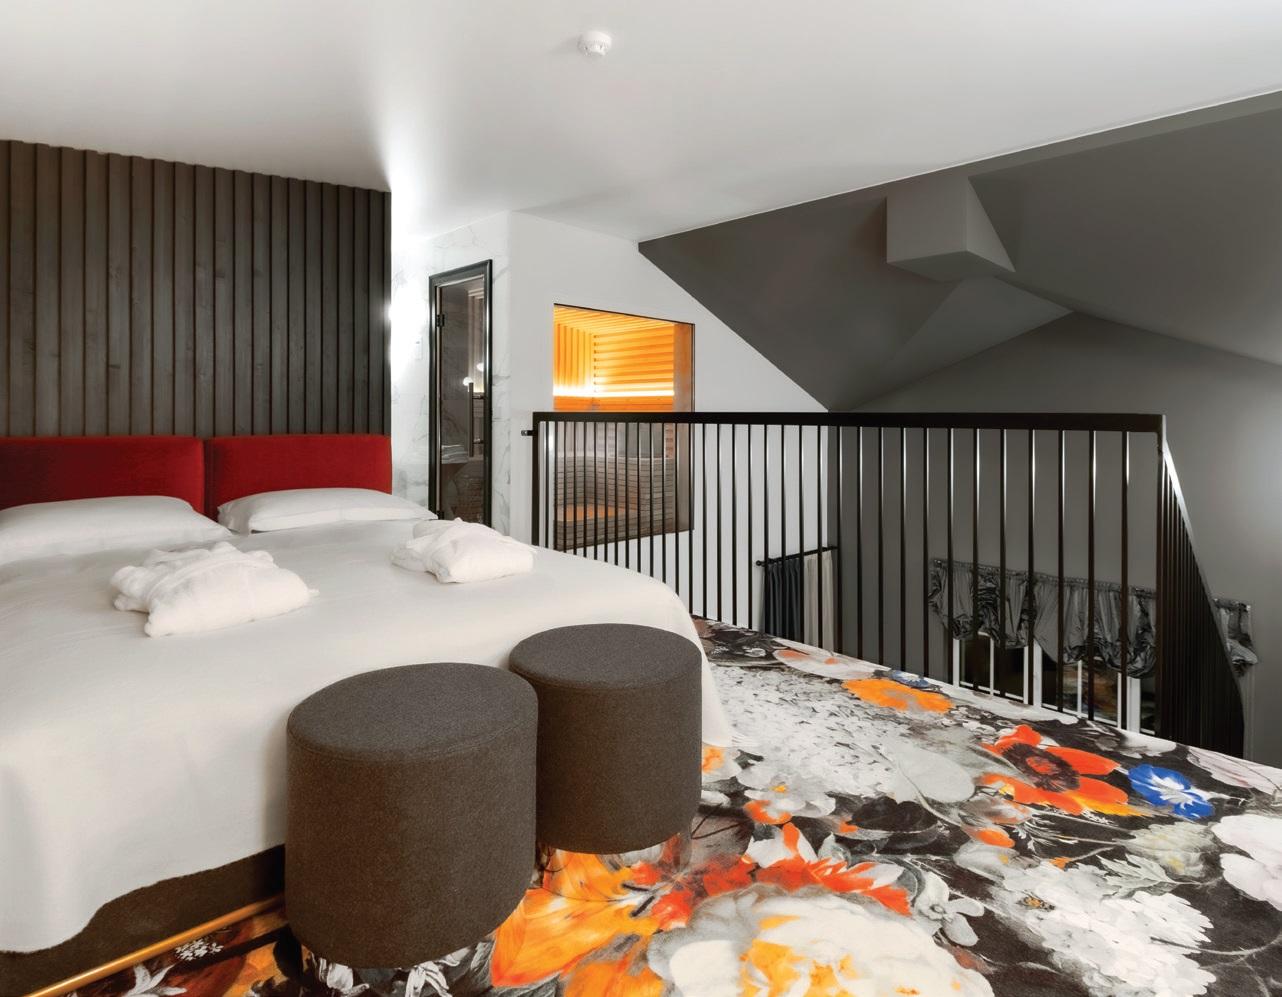 Apartamentuose, kaip ir visame viešbutyje, maloniai stebina iki detalių apgalvoti interjero sumanymai, bylojantys apie nevienadienį požiūrį, pagarbą svečiui